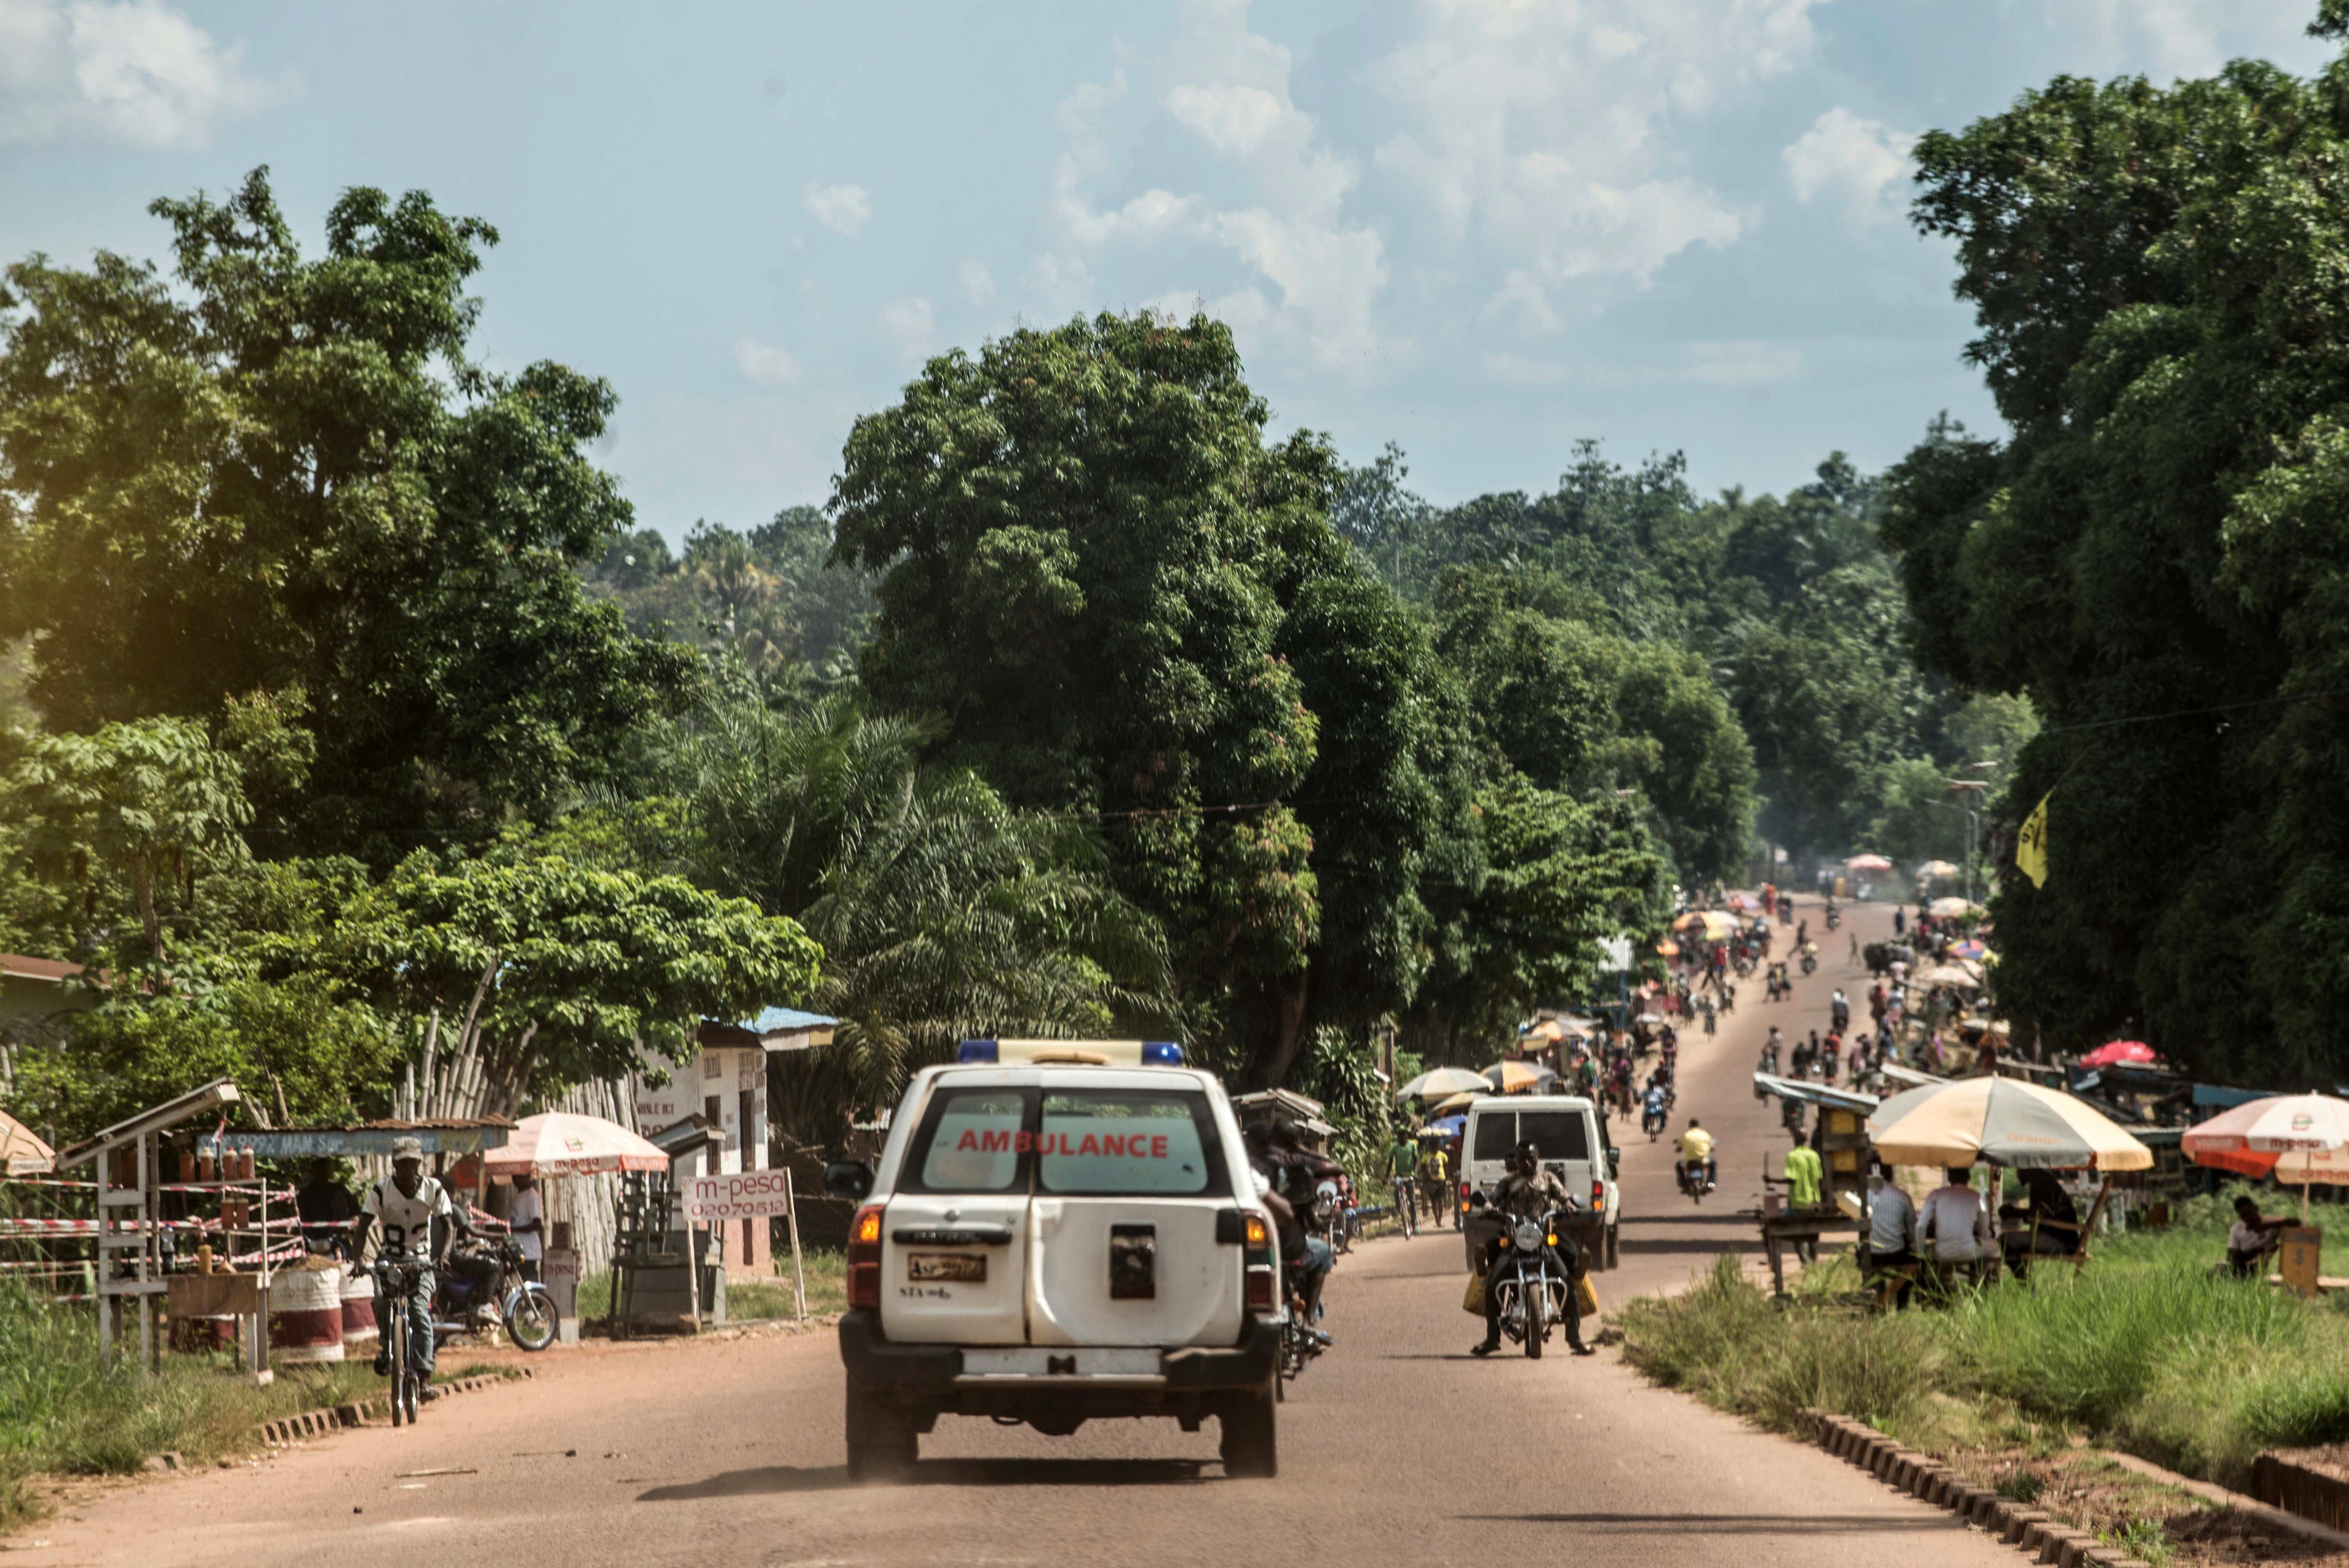 ΛΔ Κονγκό: Τουλάχιστον 18 νεκροί σε σύγκρουση βυτιοφόρου με οξύ με λεωφορείο